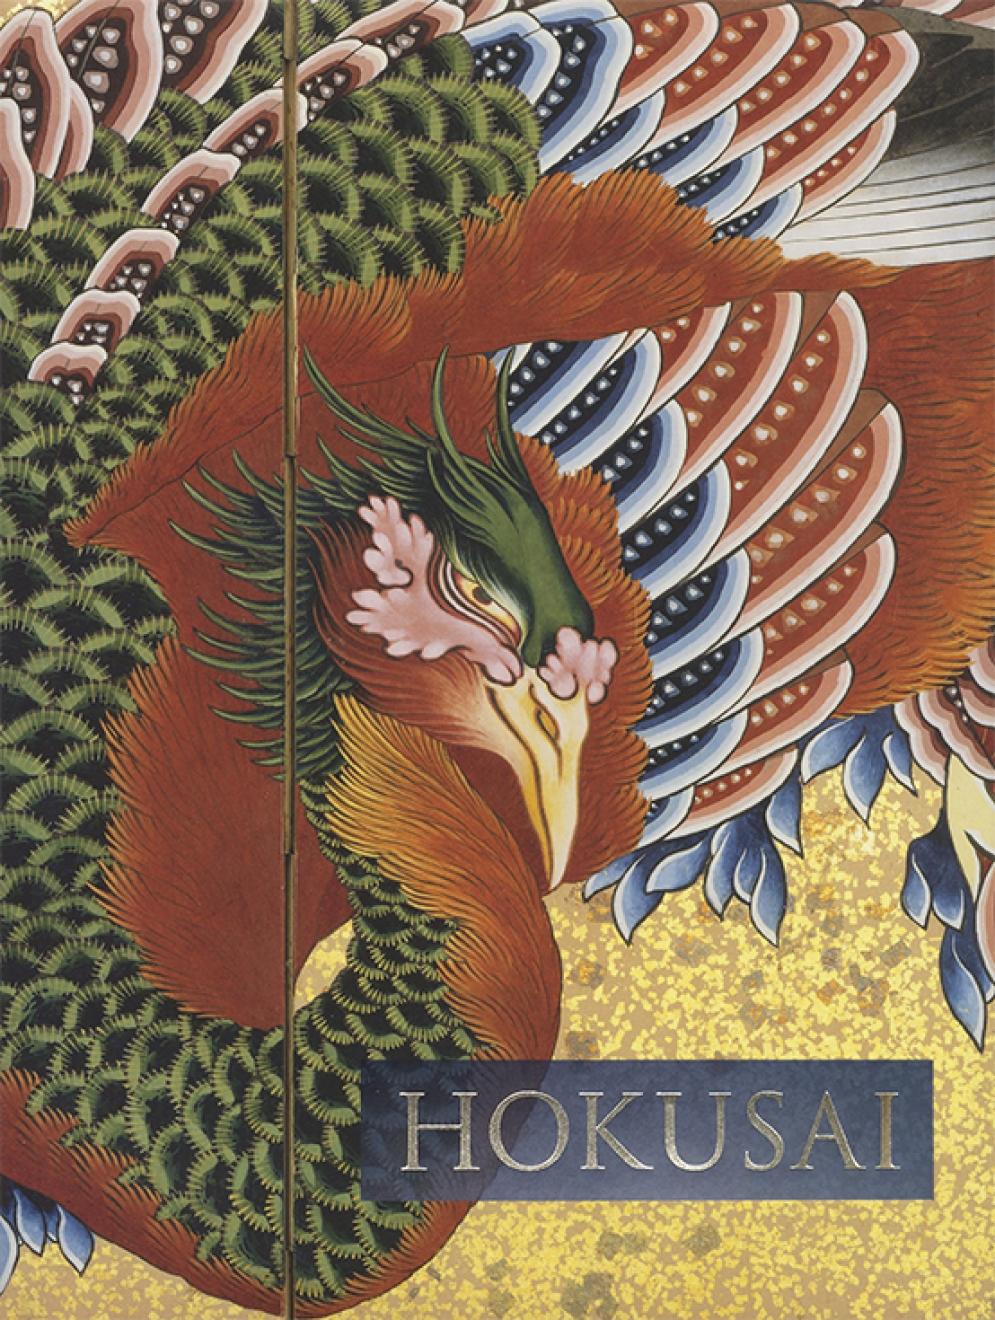 Hokusai cover